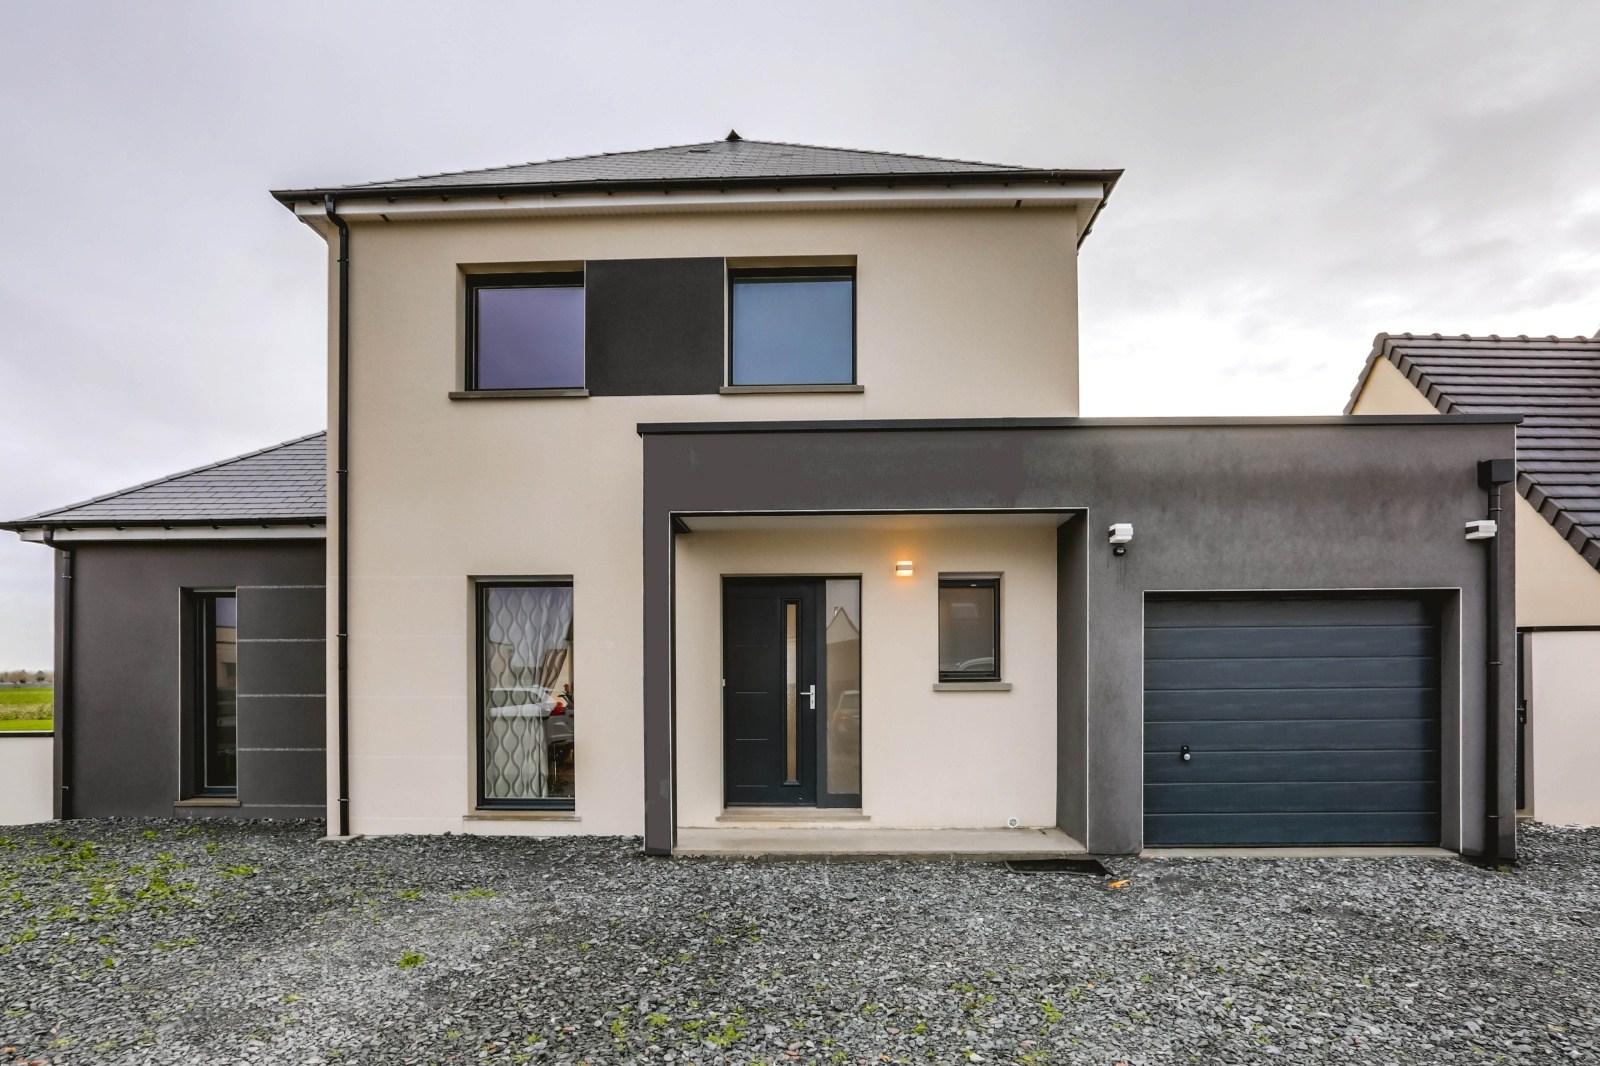 Maisons + Terrains du constructeur Maison Familiale Tours • 120 m² • SAVONNIERES